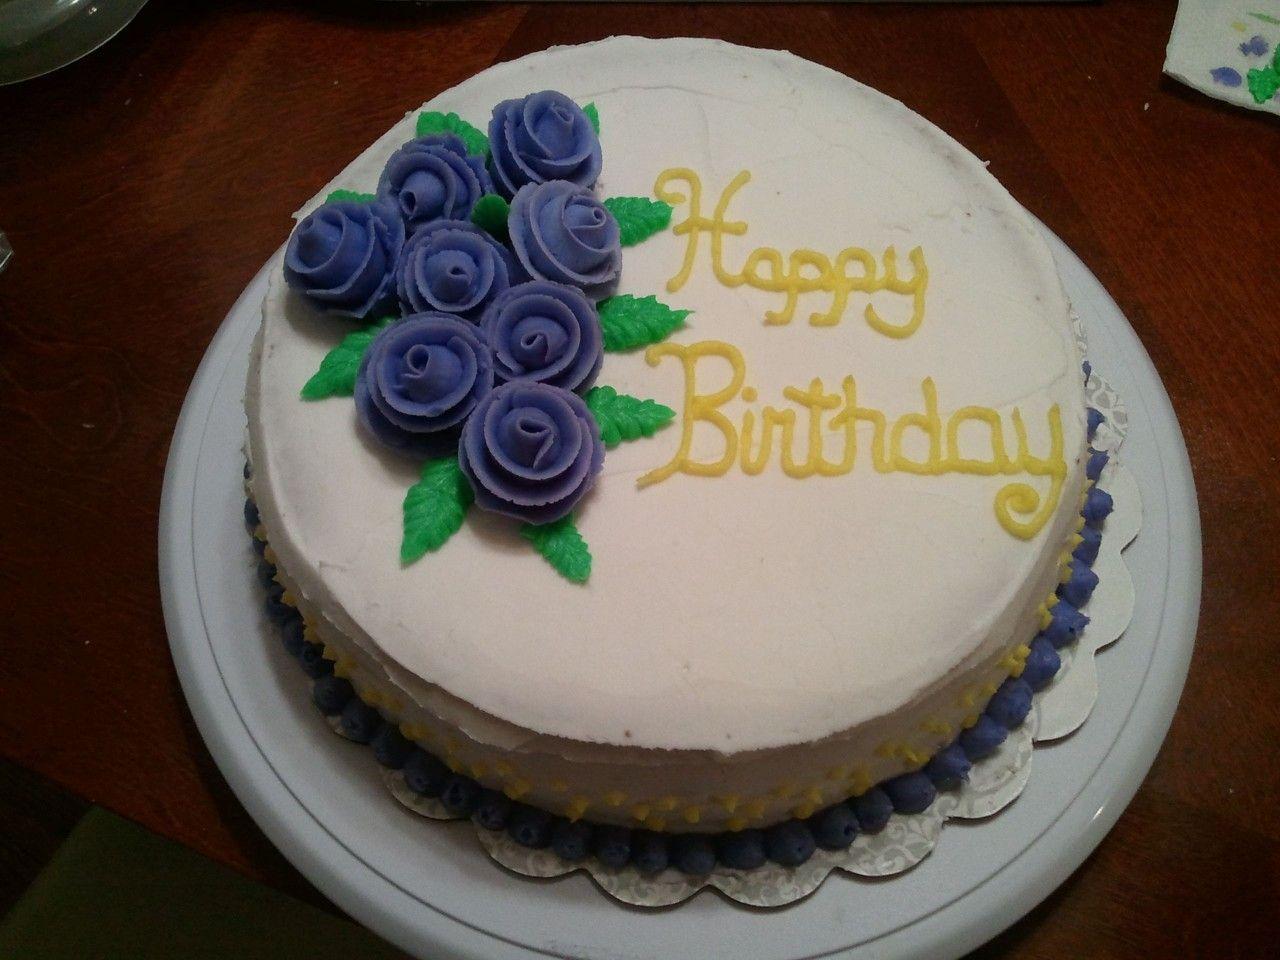 Michaels Cake Decorating Classes Cost Dengan Gambar